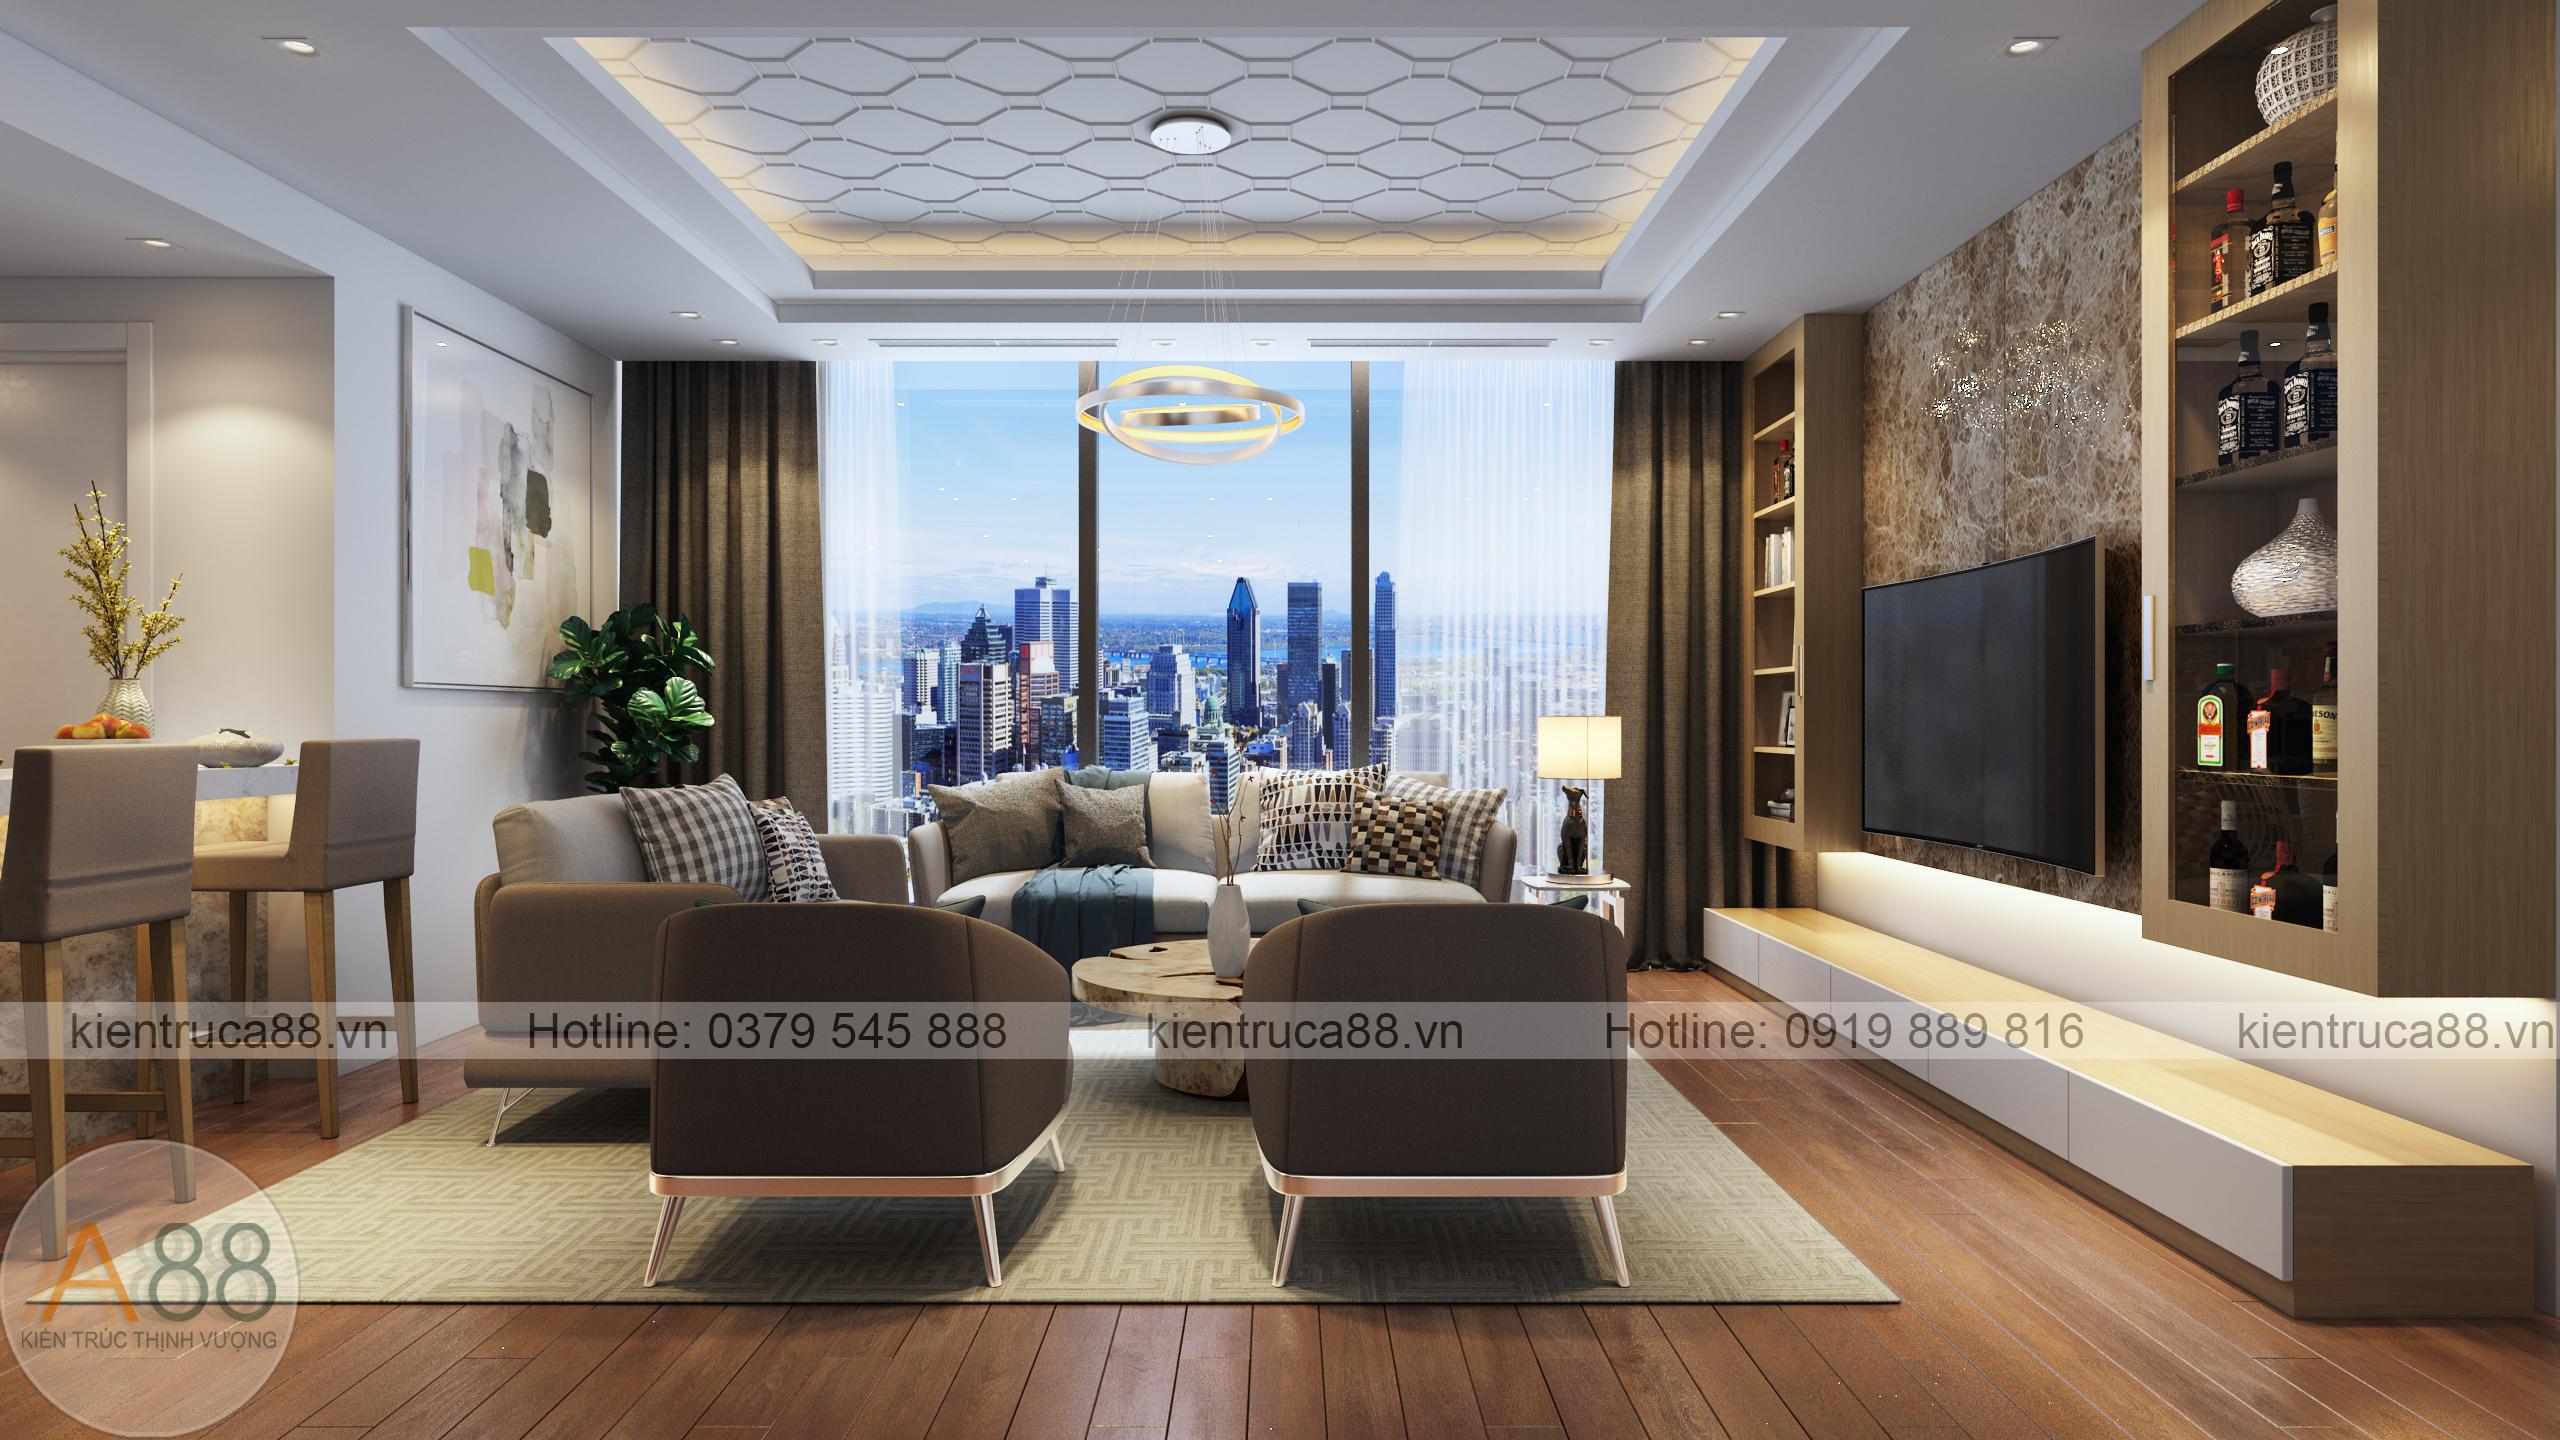 mẫu thiết kế nội thất căn hộ chung cư sunshine city